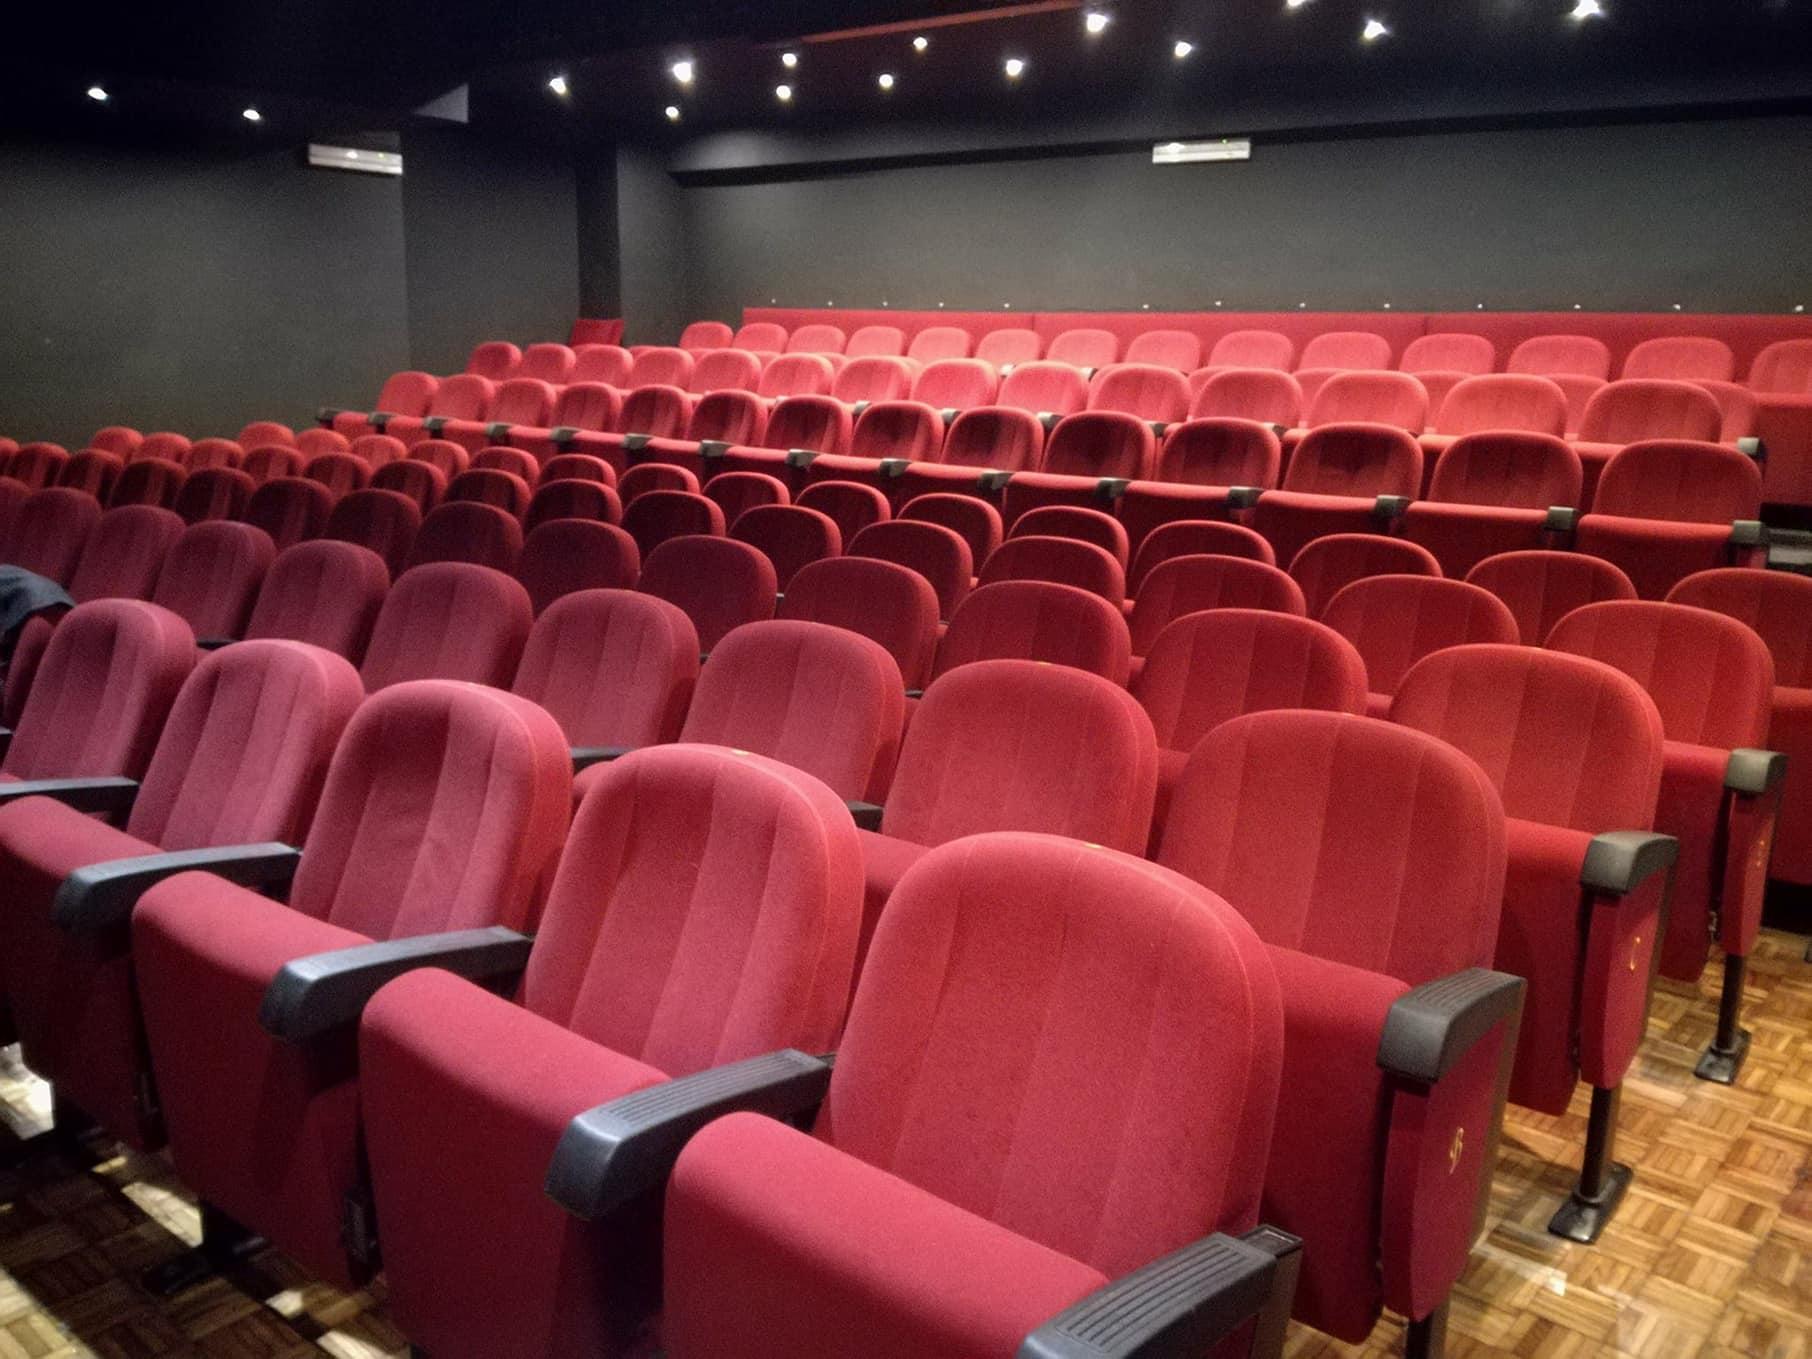 Teatro Belli: gli spettacoli della stagione 2020-21 on demand sul sito